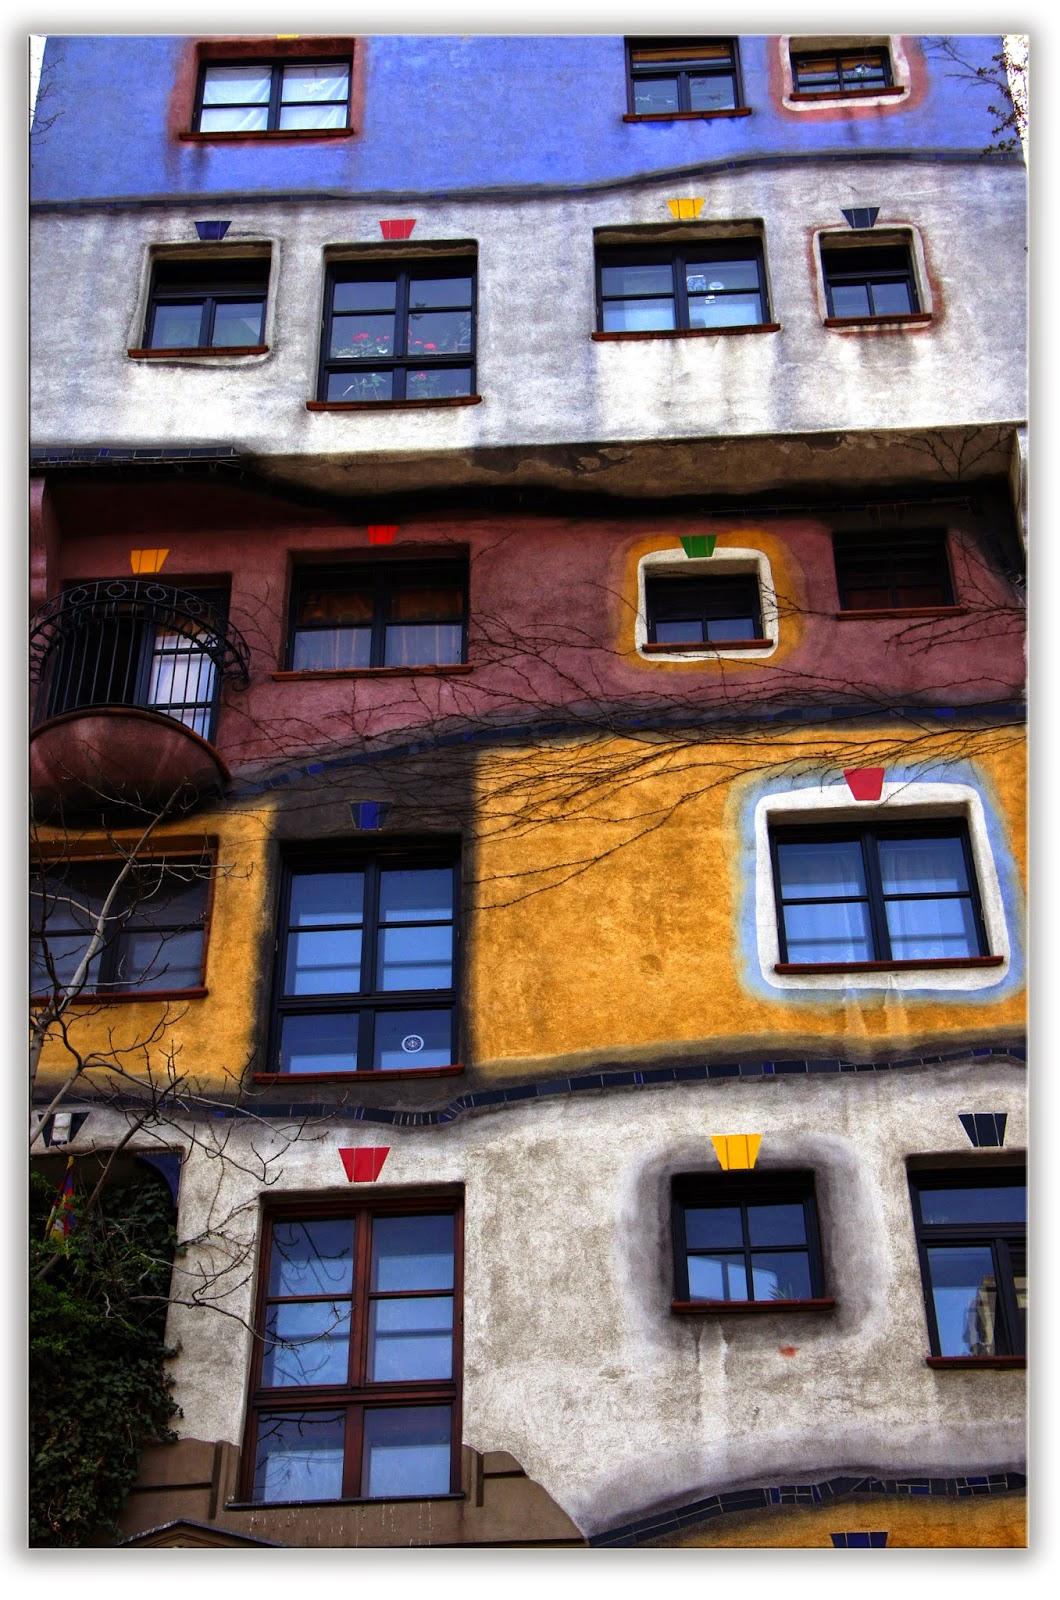 Friedensreich Hundertwasse, Vienna - Hundertwasserhaus